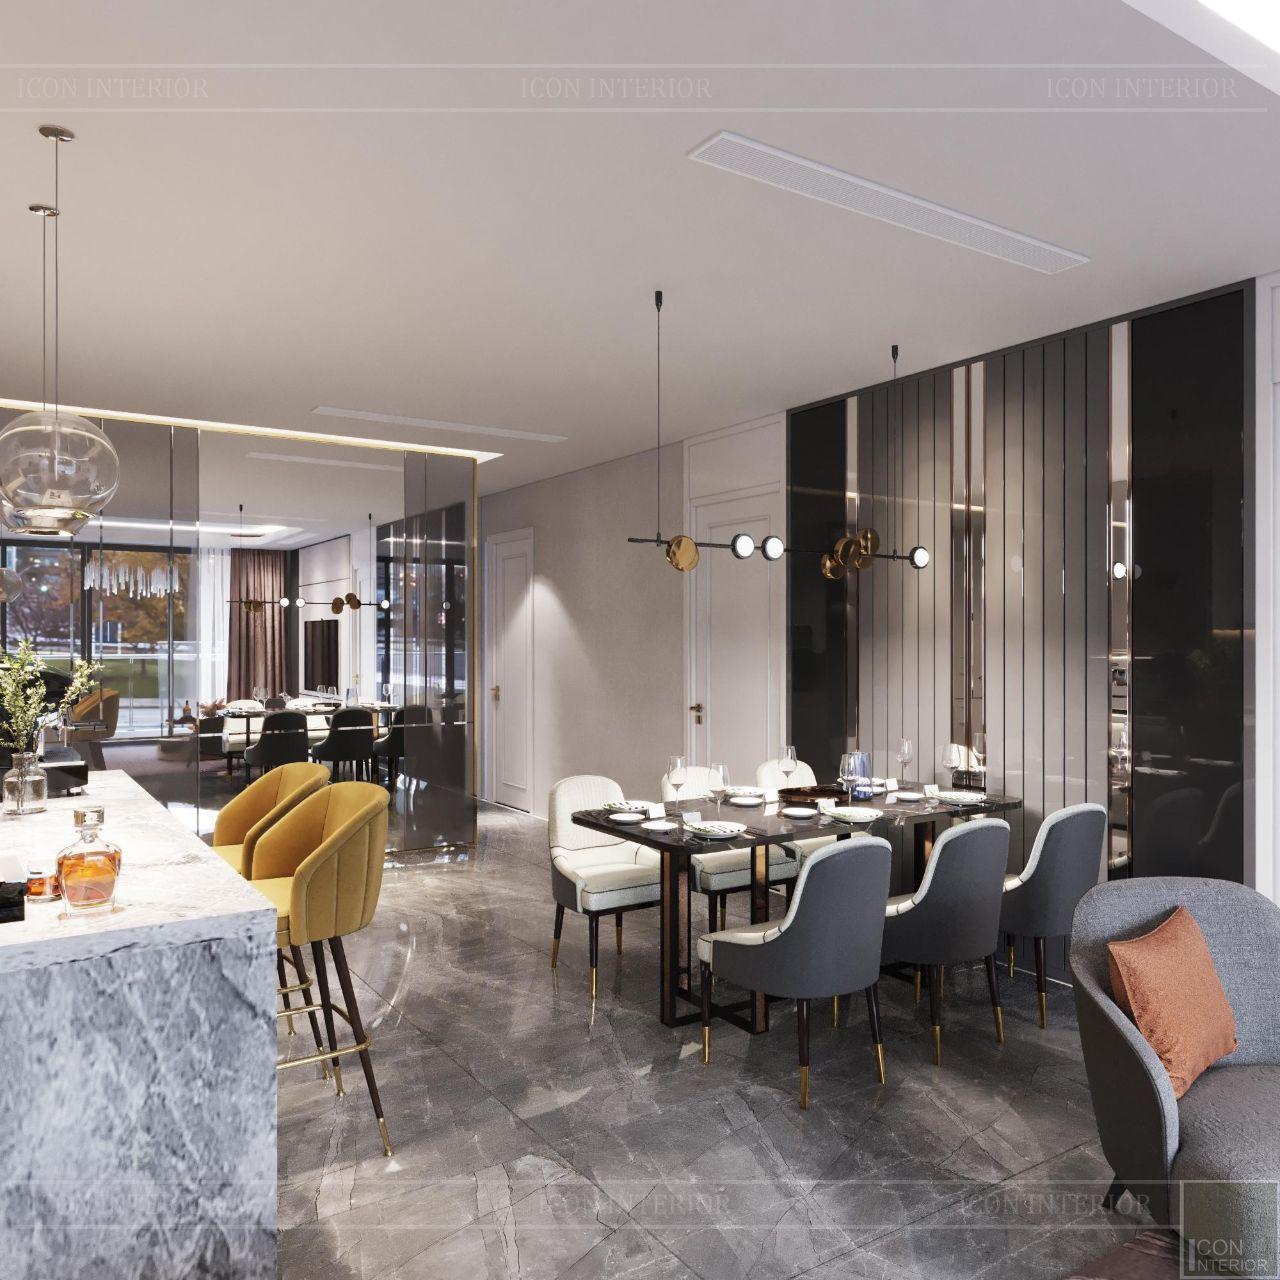 báo giá thiết kế nội thất chung cư 110m2